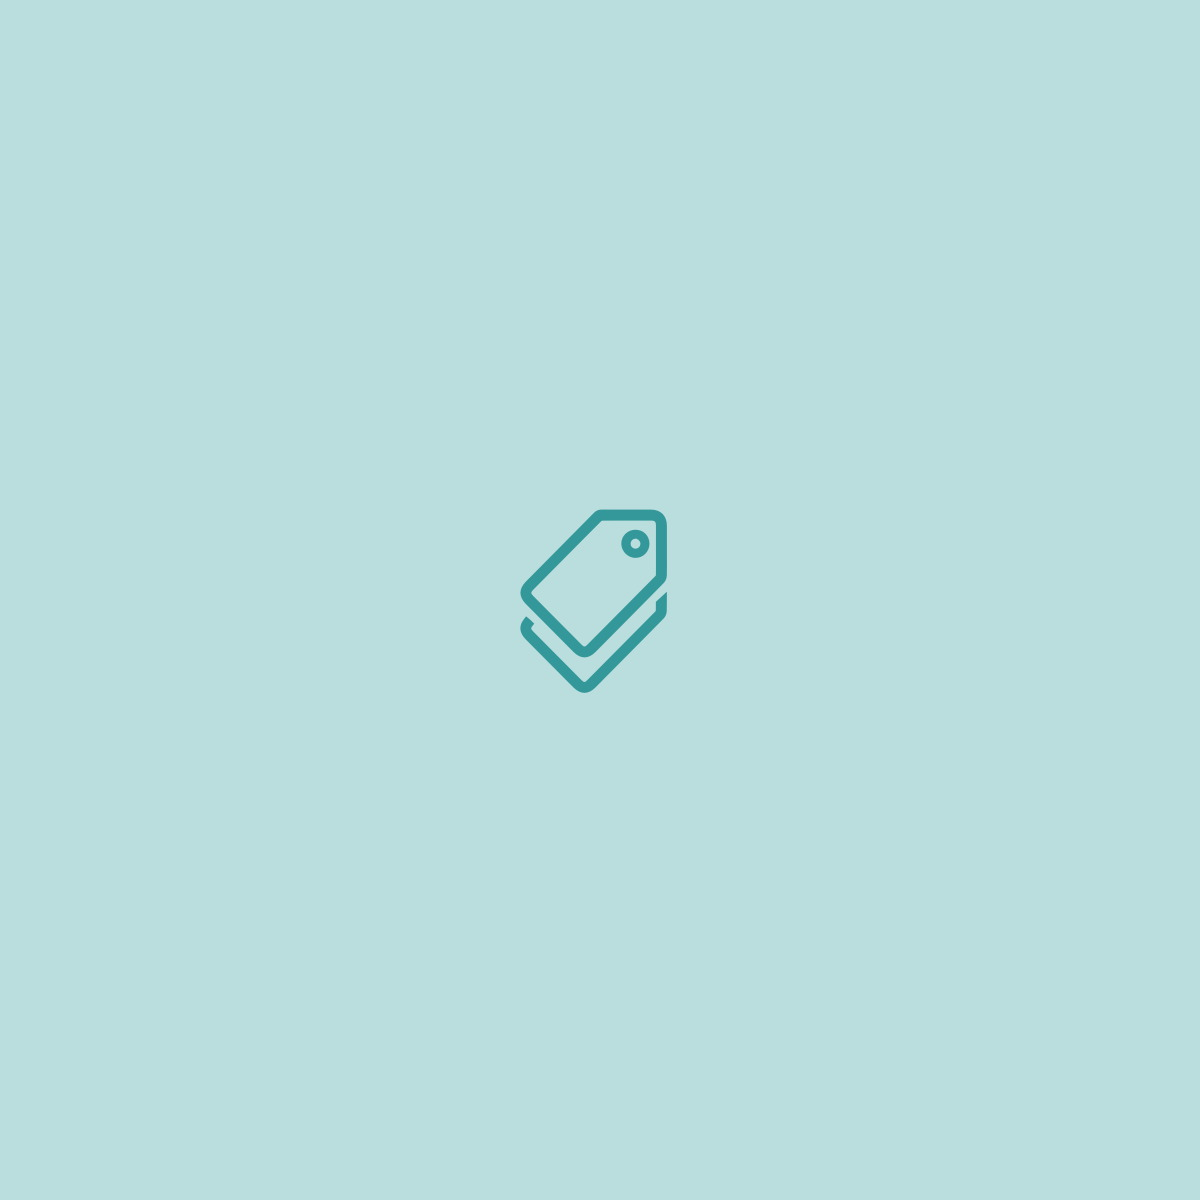 #6F3C2E adesivo jateado quadrado p box vidro po box adesivo jateado quadrado p  1200x1127 px porta para banheiro de vidro jateado